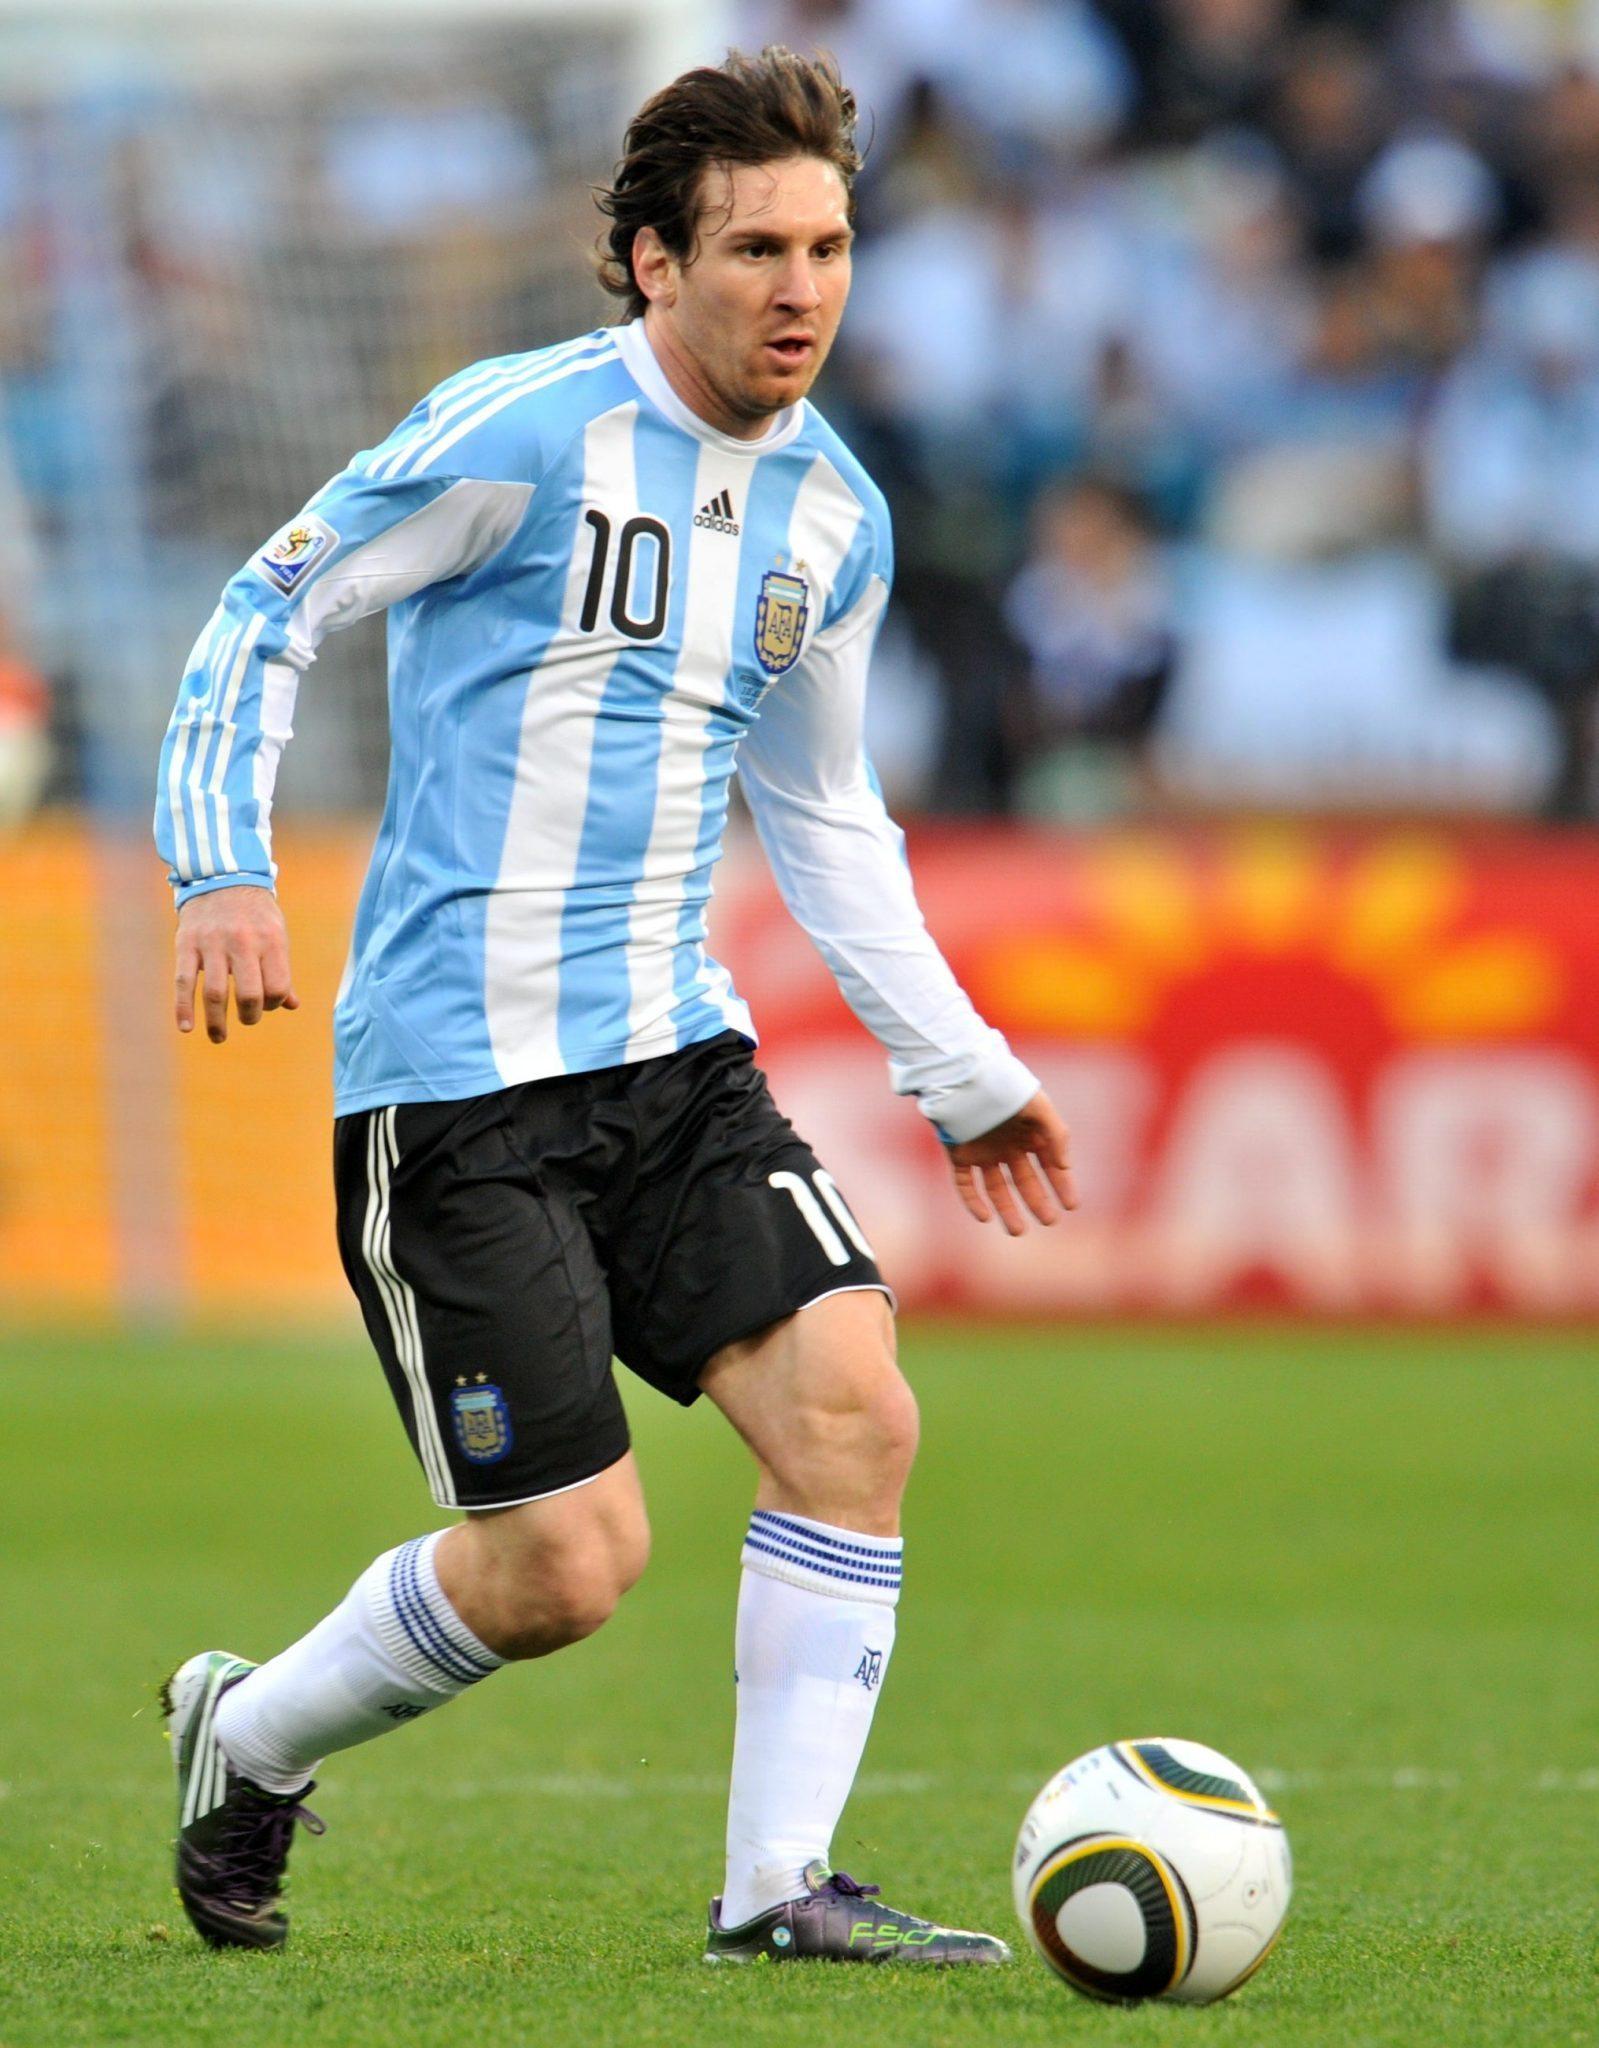 Lionel Messi Argentina Dgl Sports Vancouver Sport